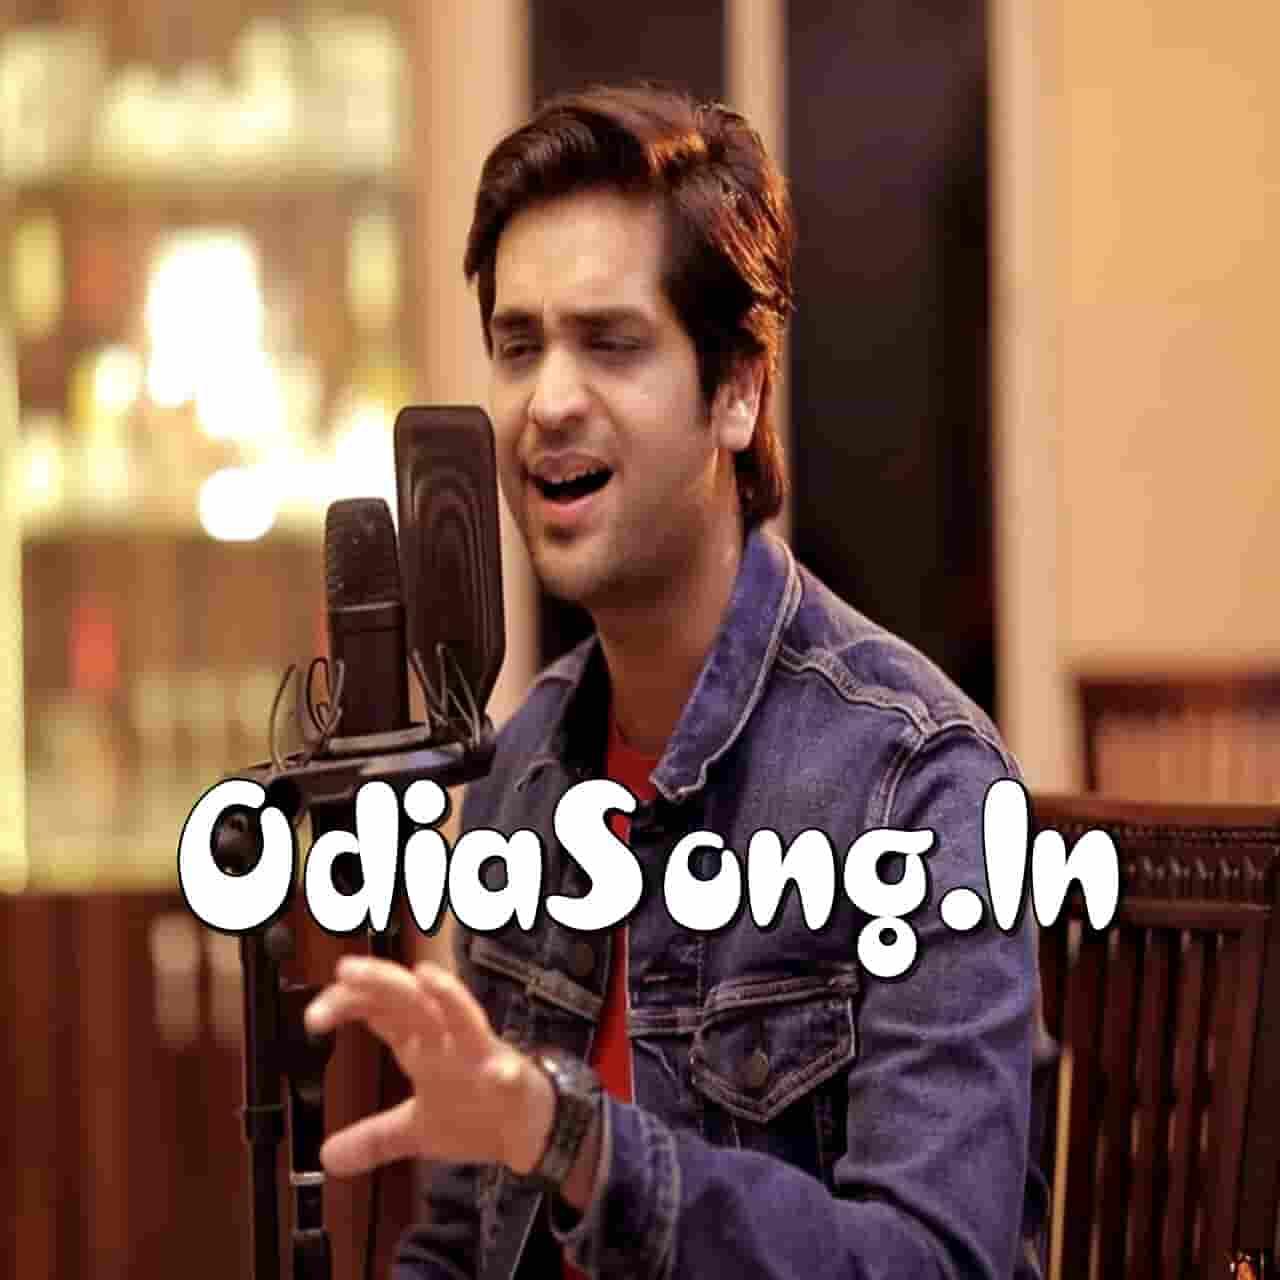 Shayari - New Odia Song By Swayam Padhi